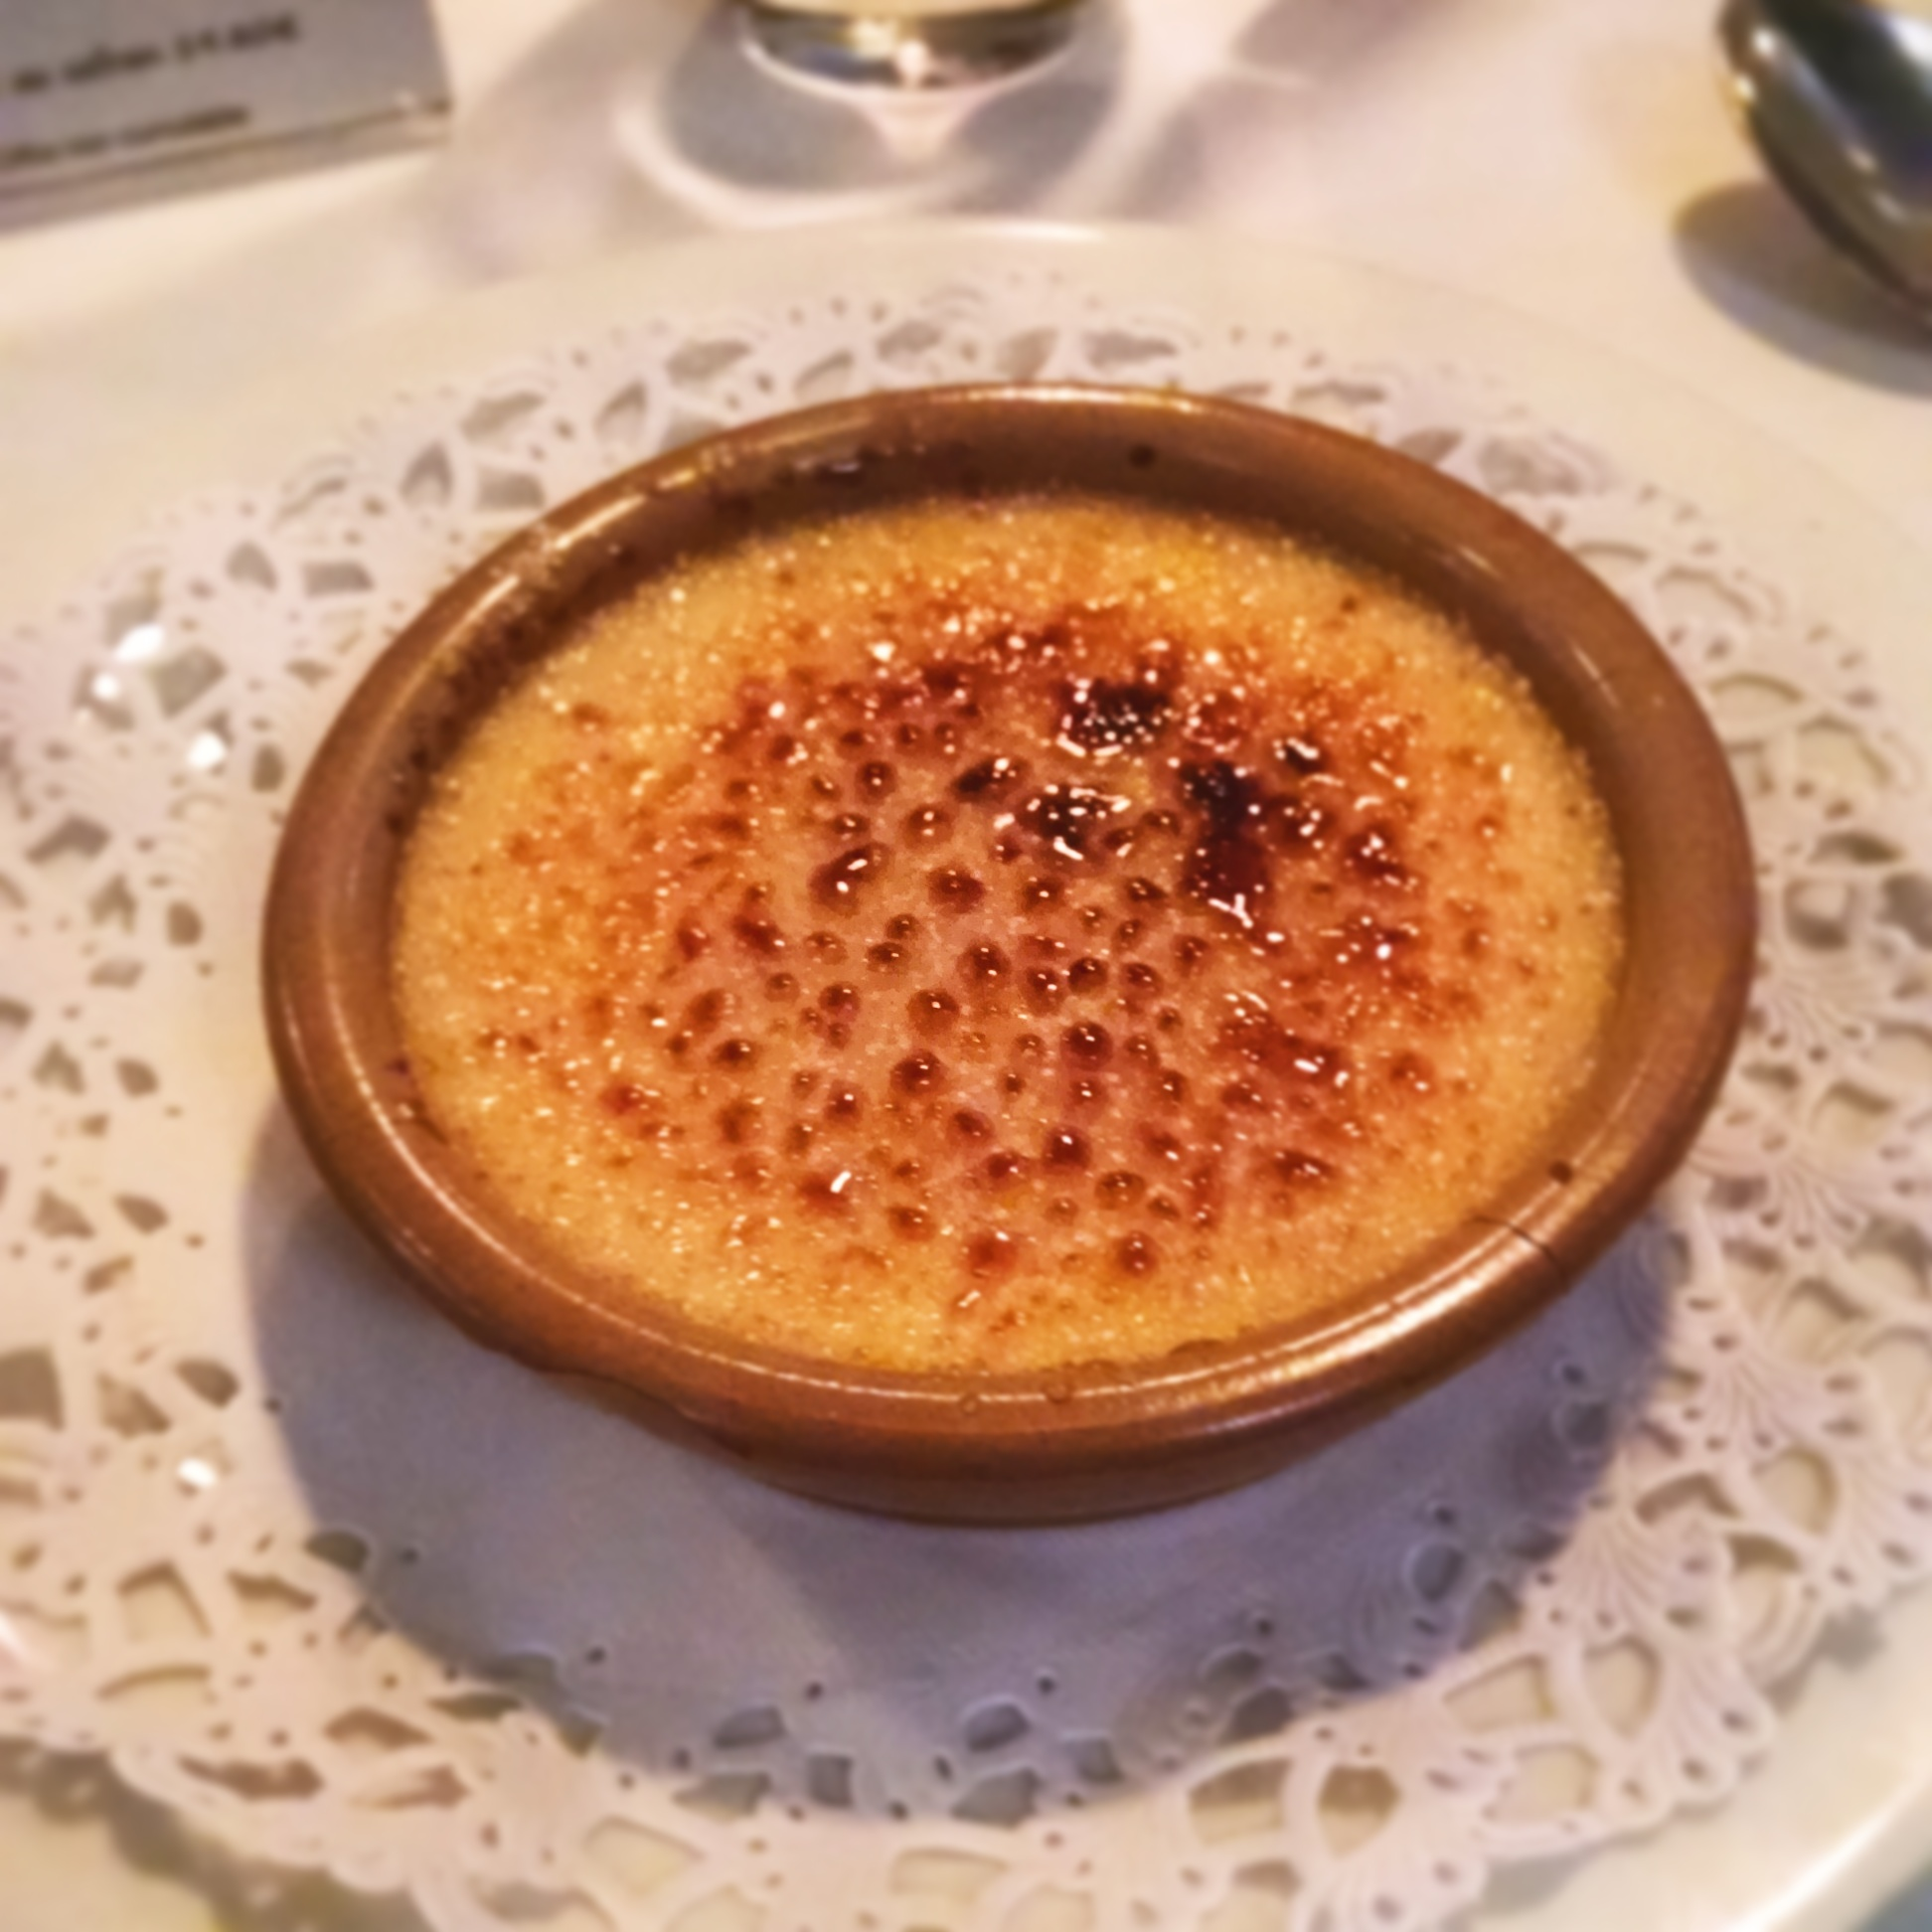 La crème brûlée